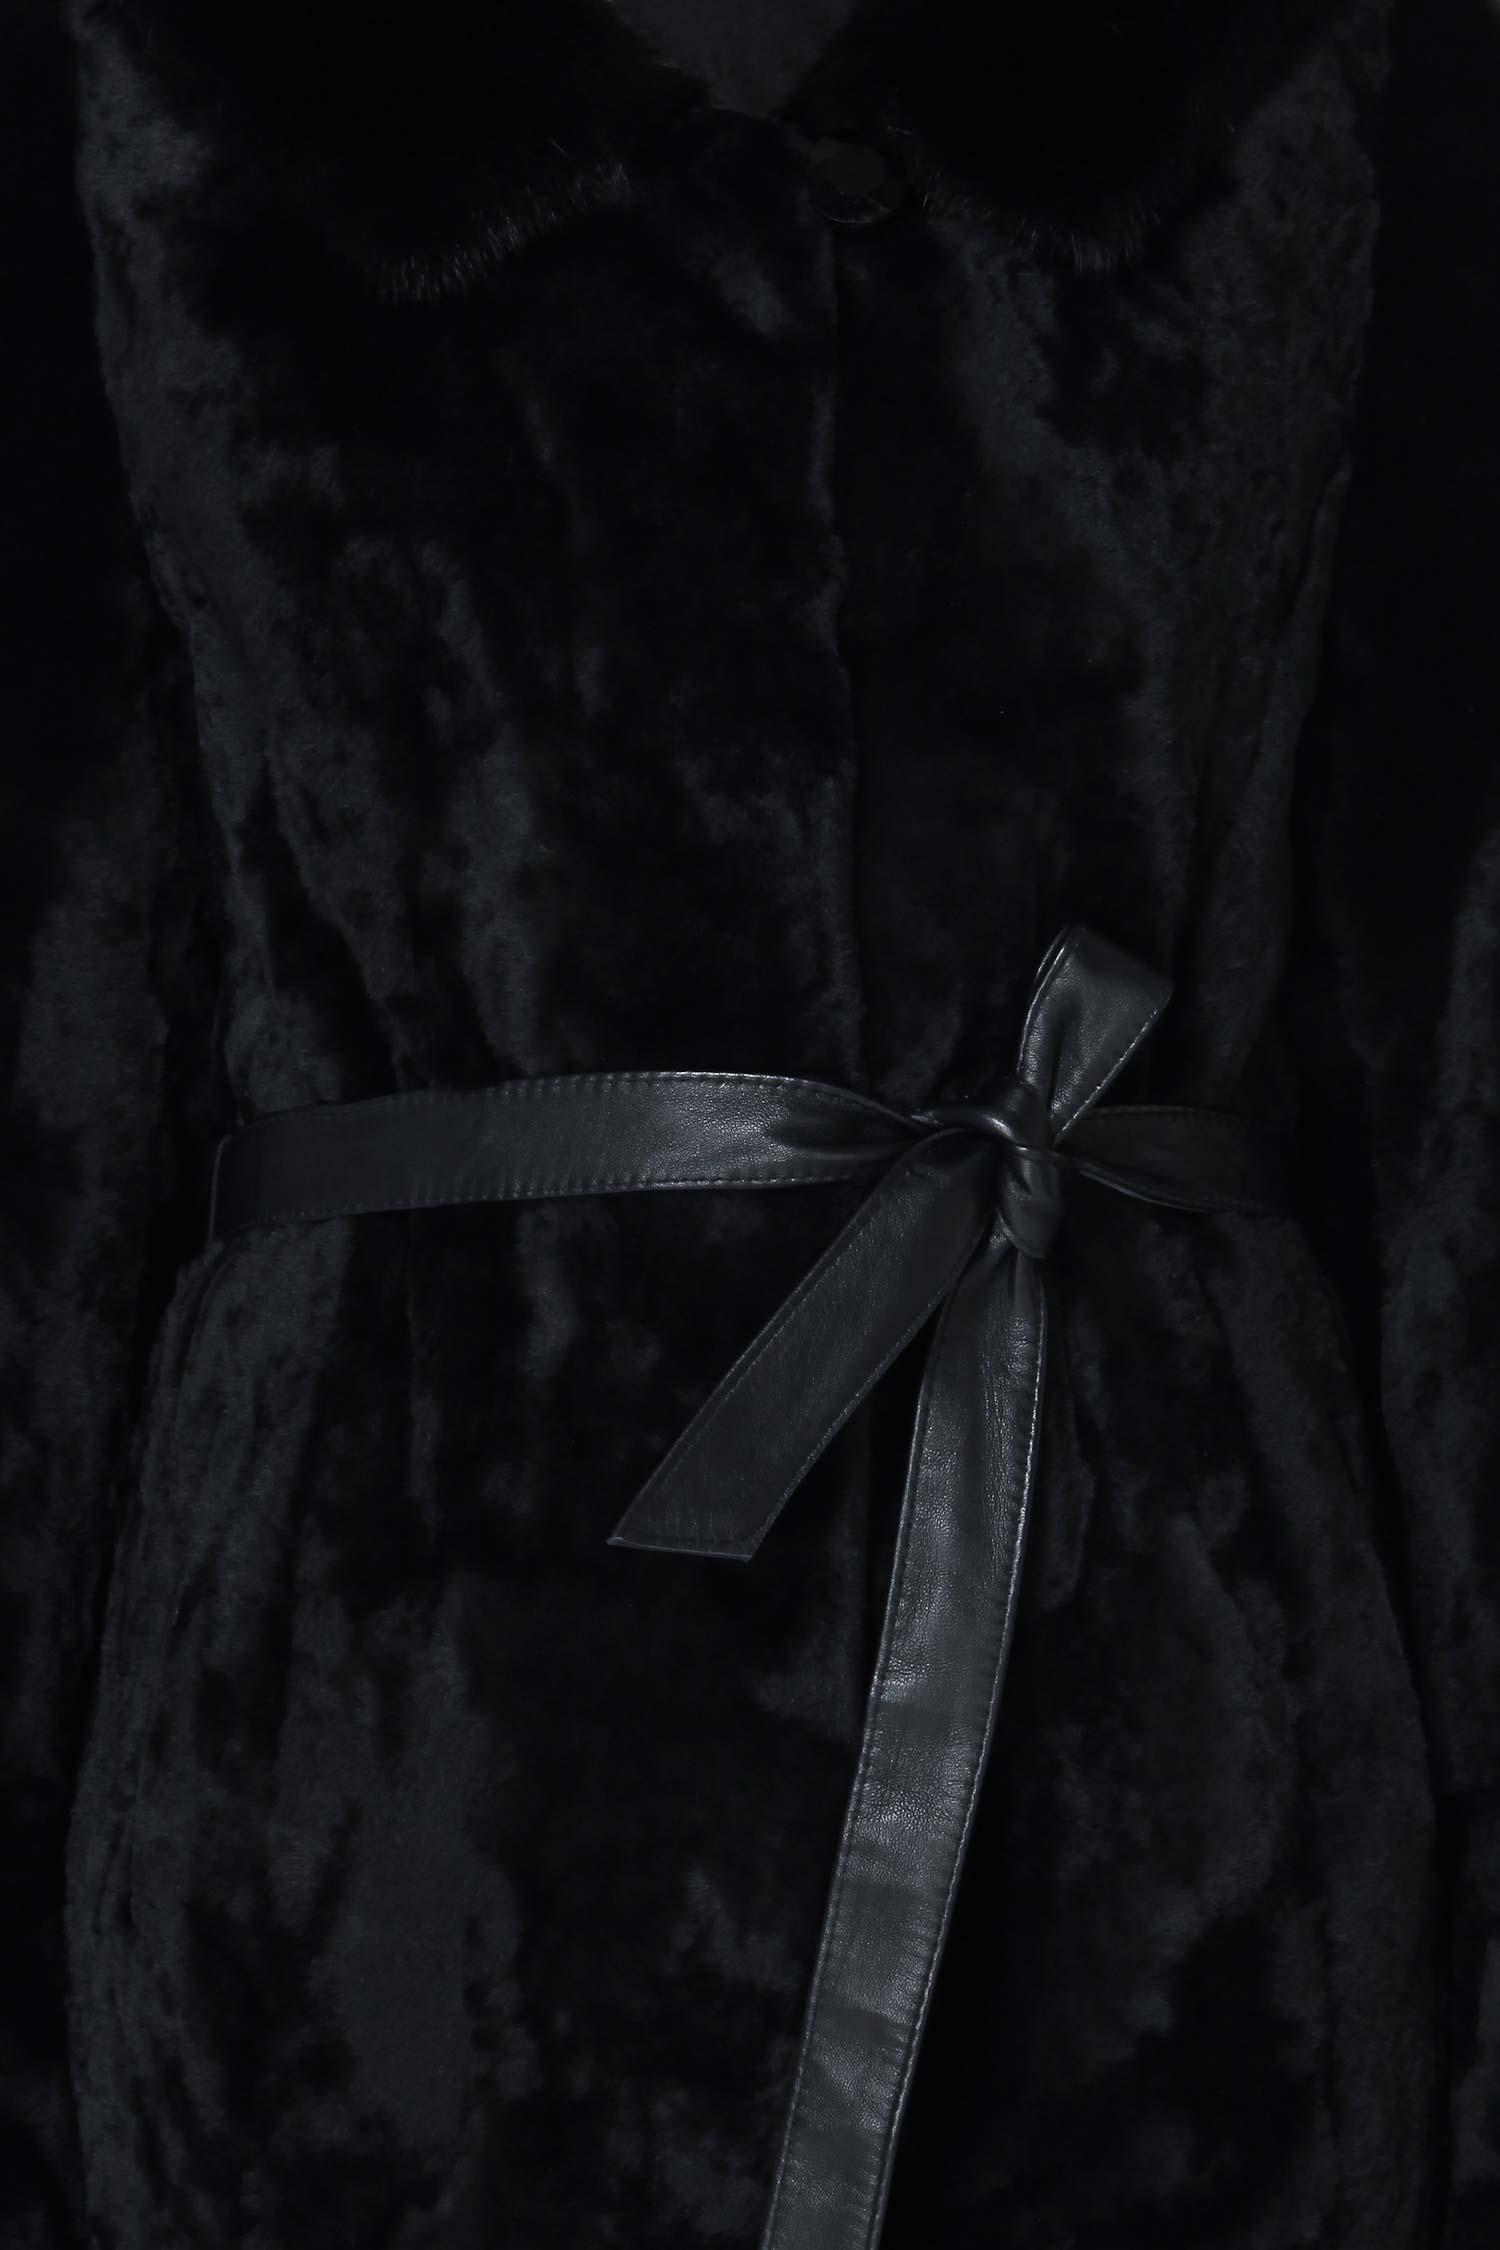 Шуба из мутона с капюшоном, отделка норка от Московская Меховая Компания